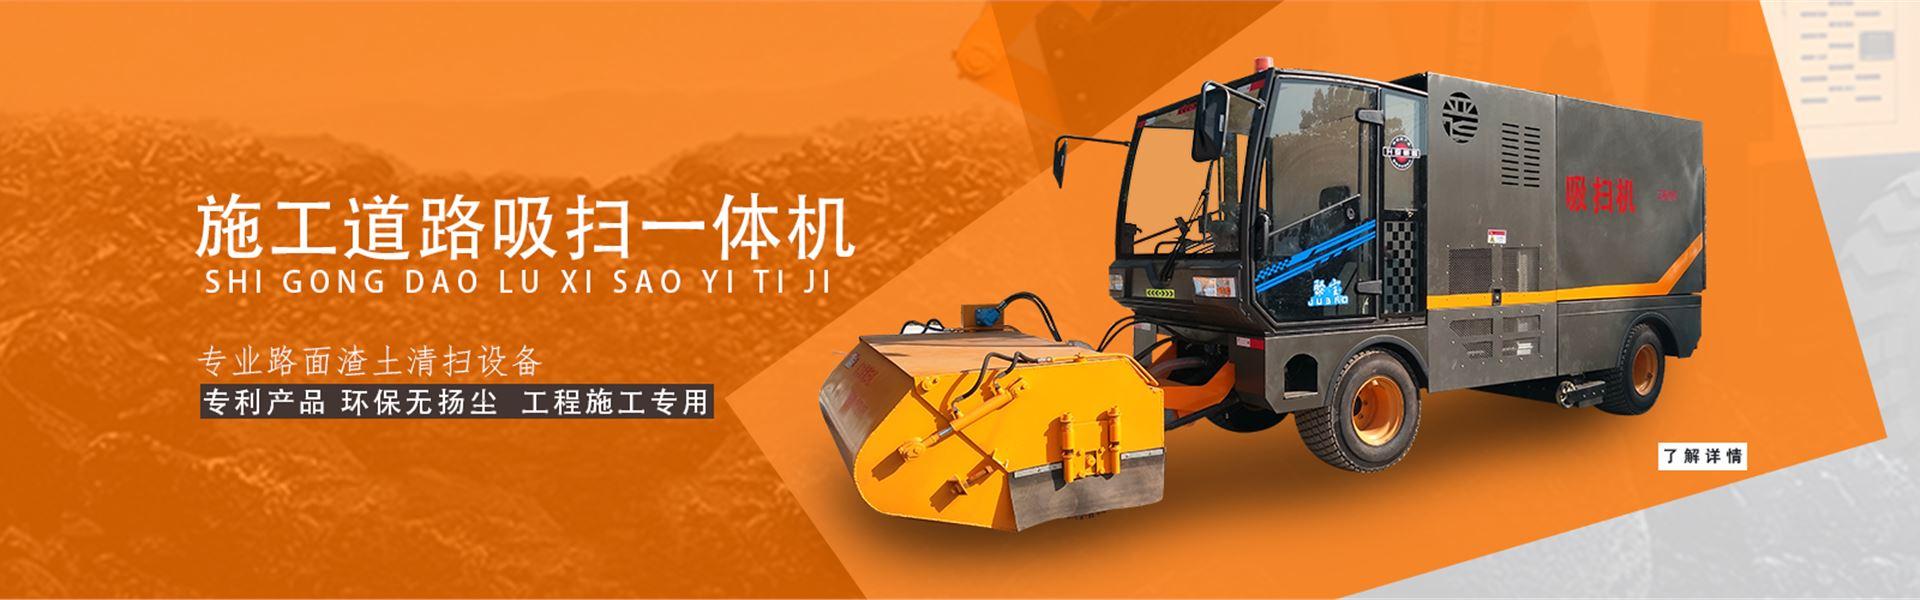 云浮石料厂扫地车高品质 性价比高